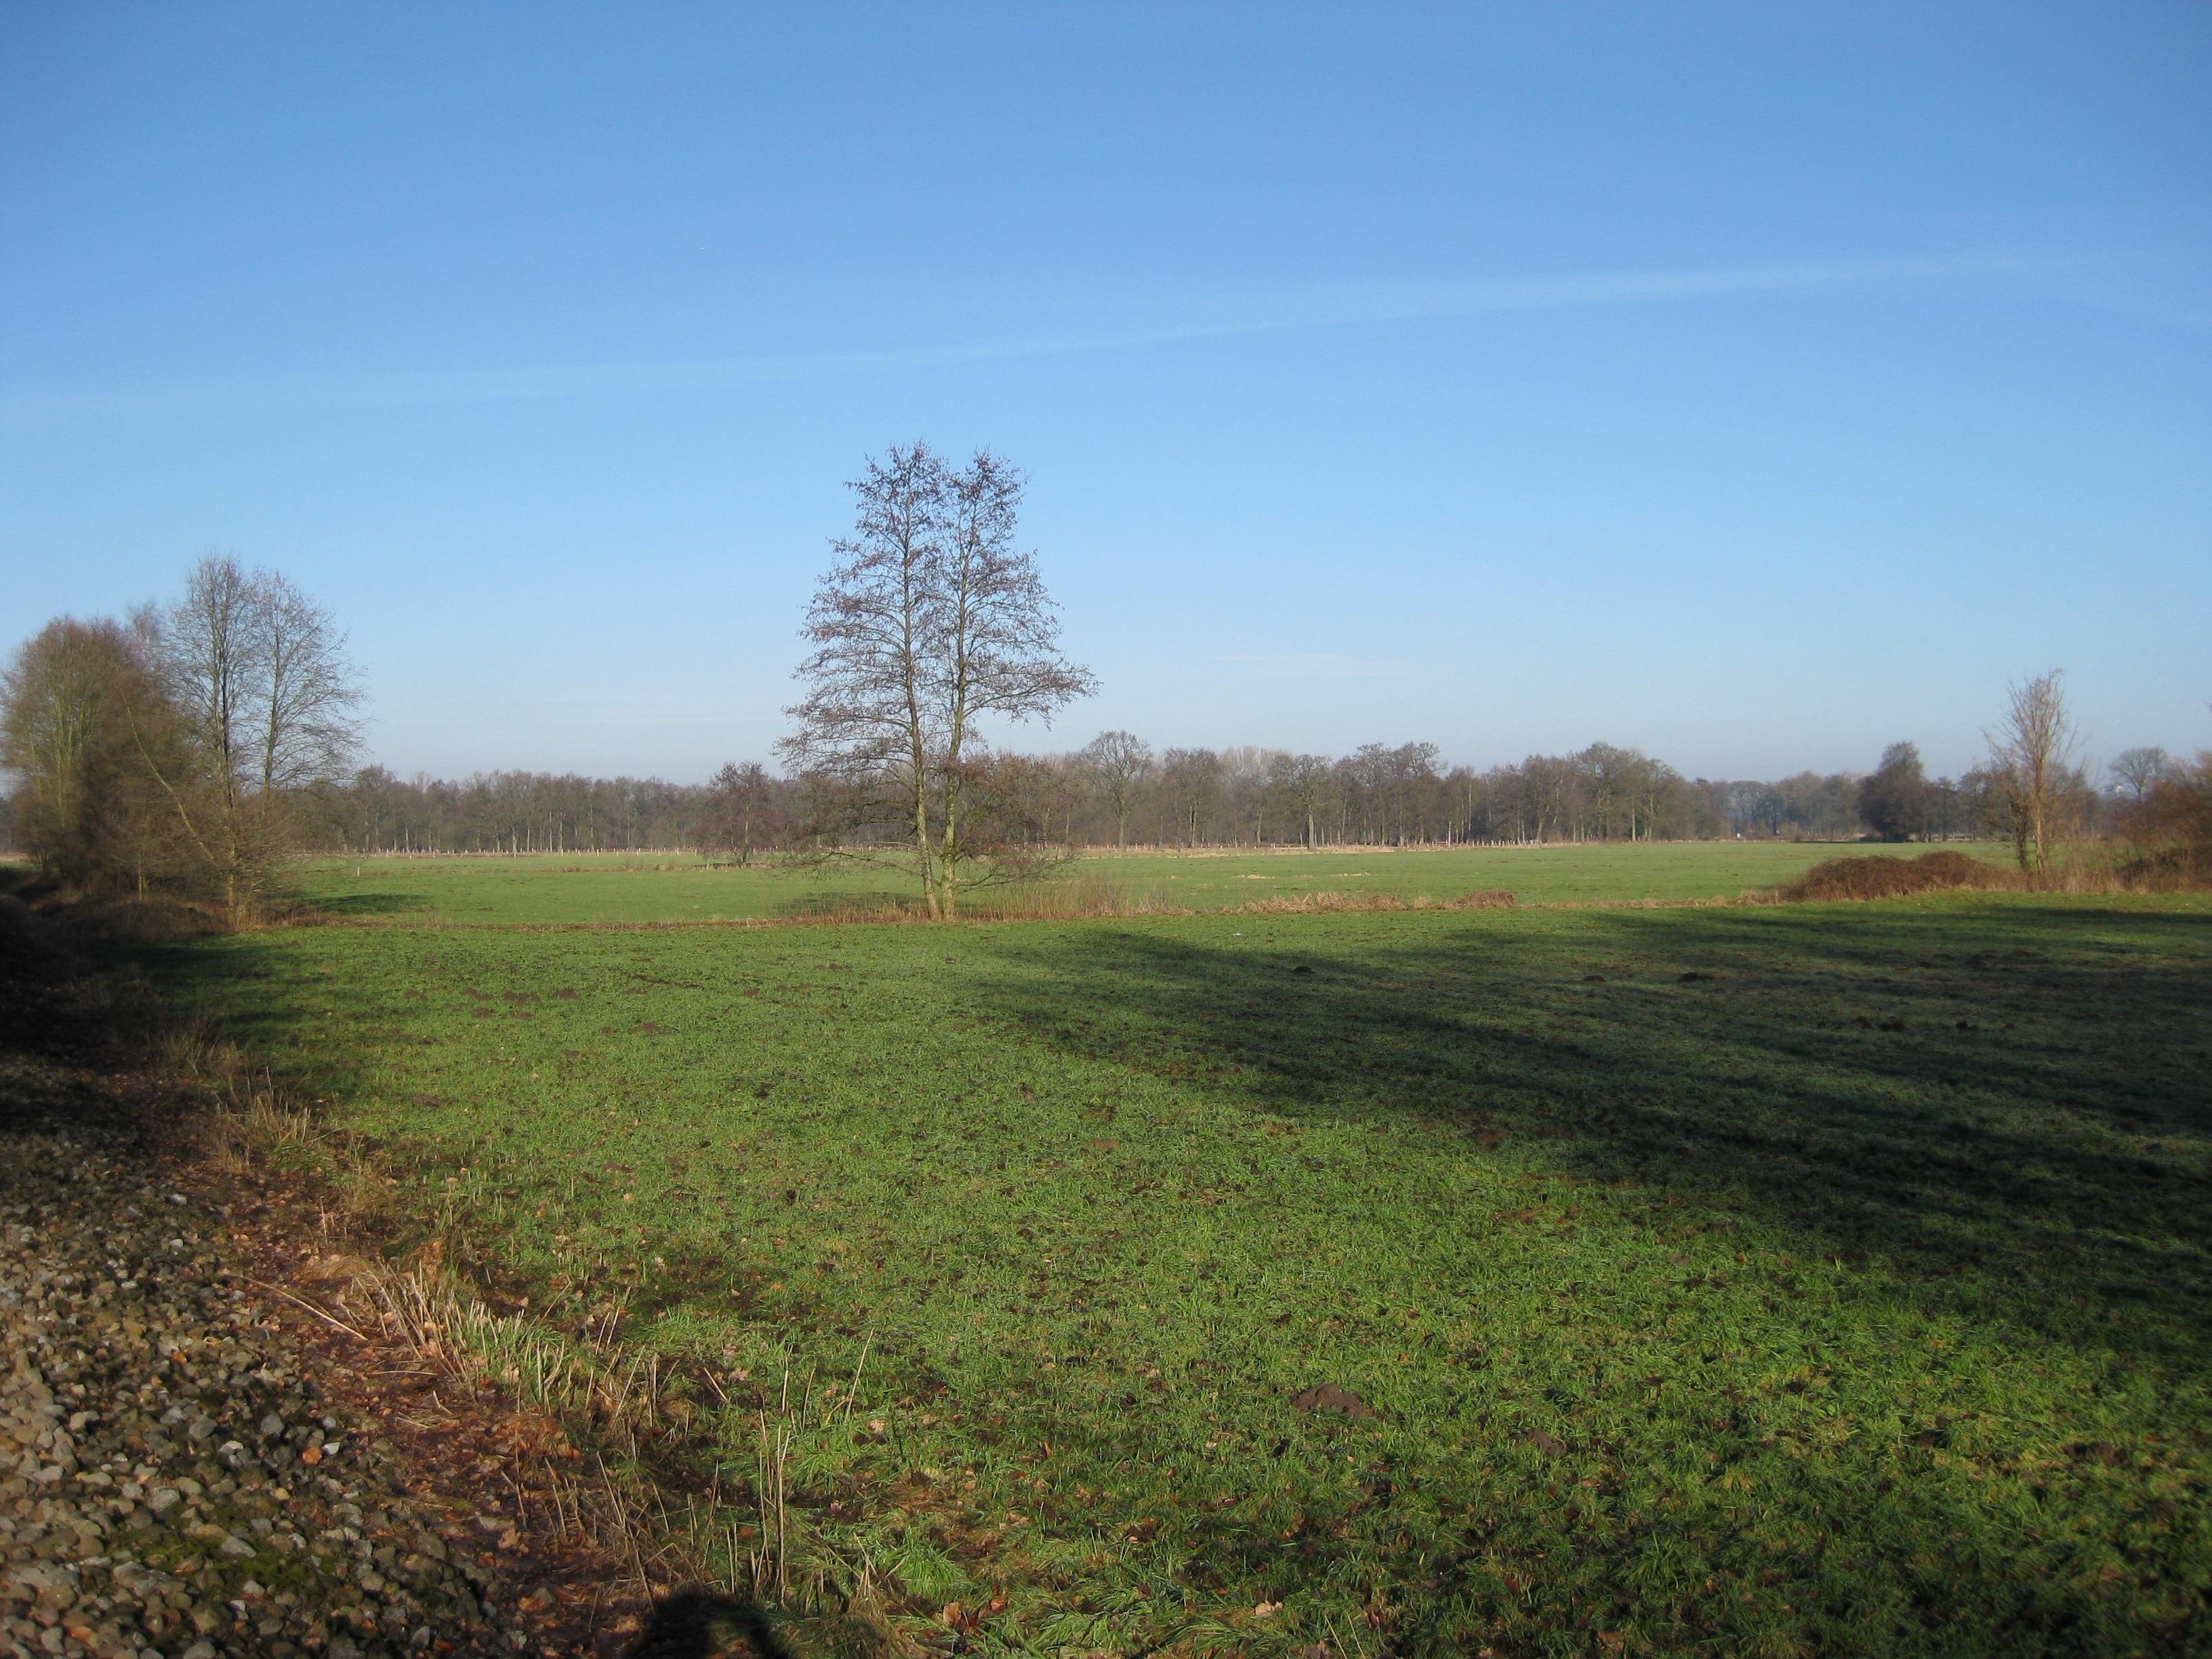 Versmold, Nordrhein-Westfalen, Deutschland